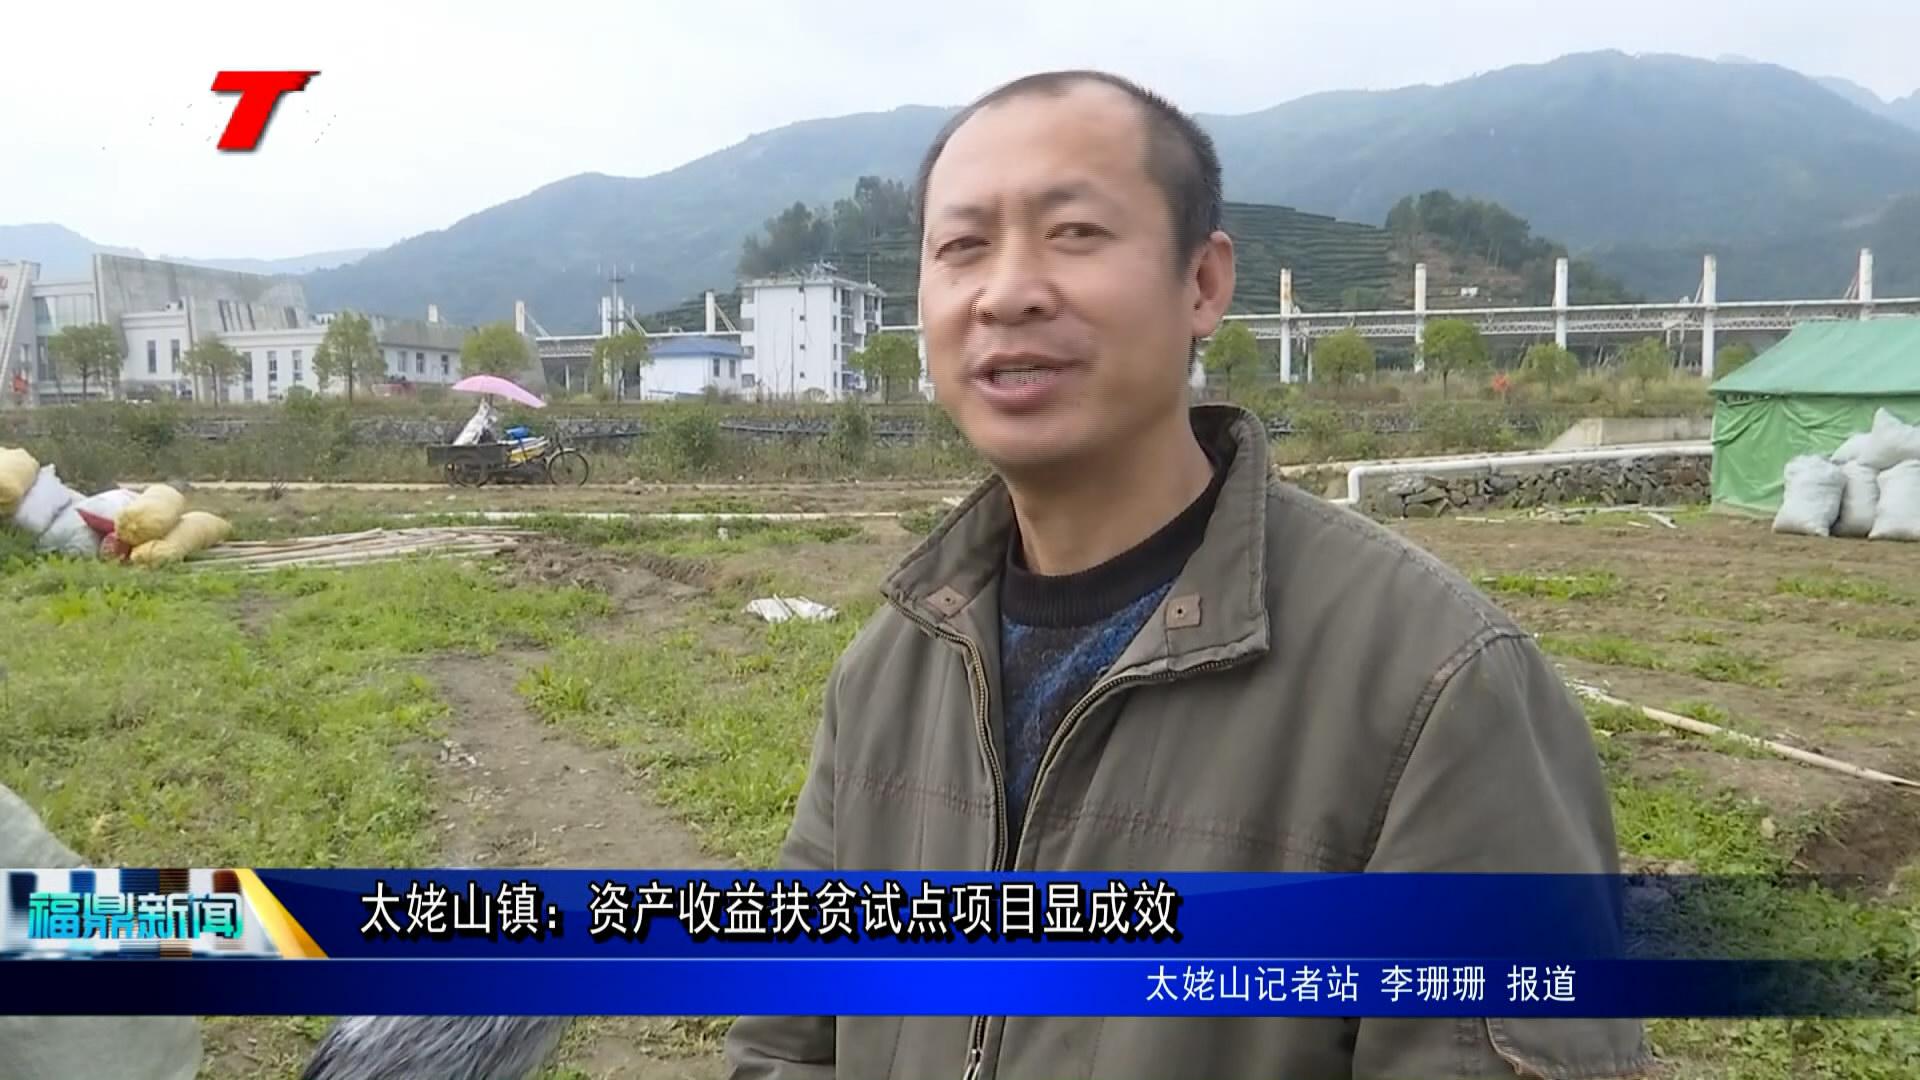 太姥山镇:资产收益扶贫试点项目显结果